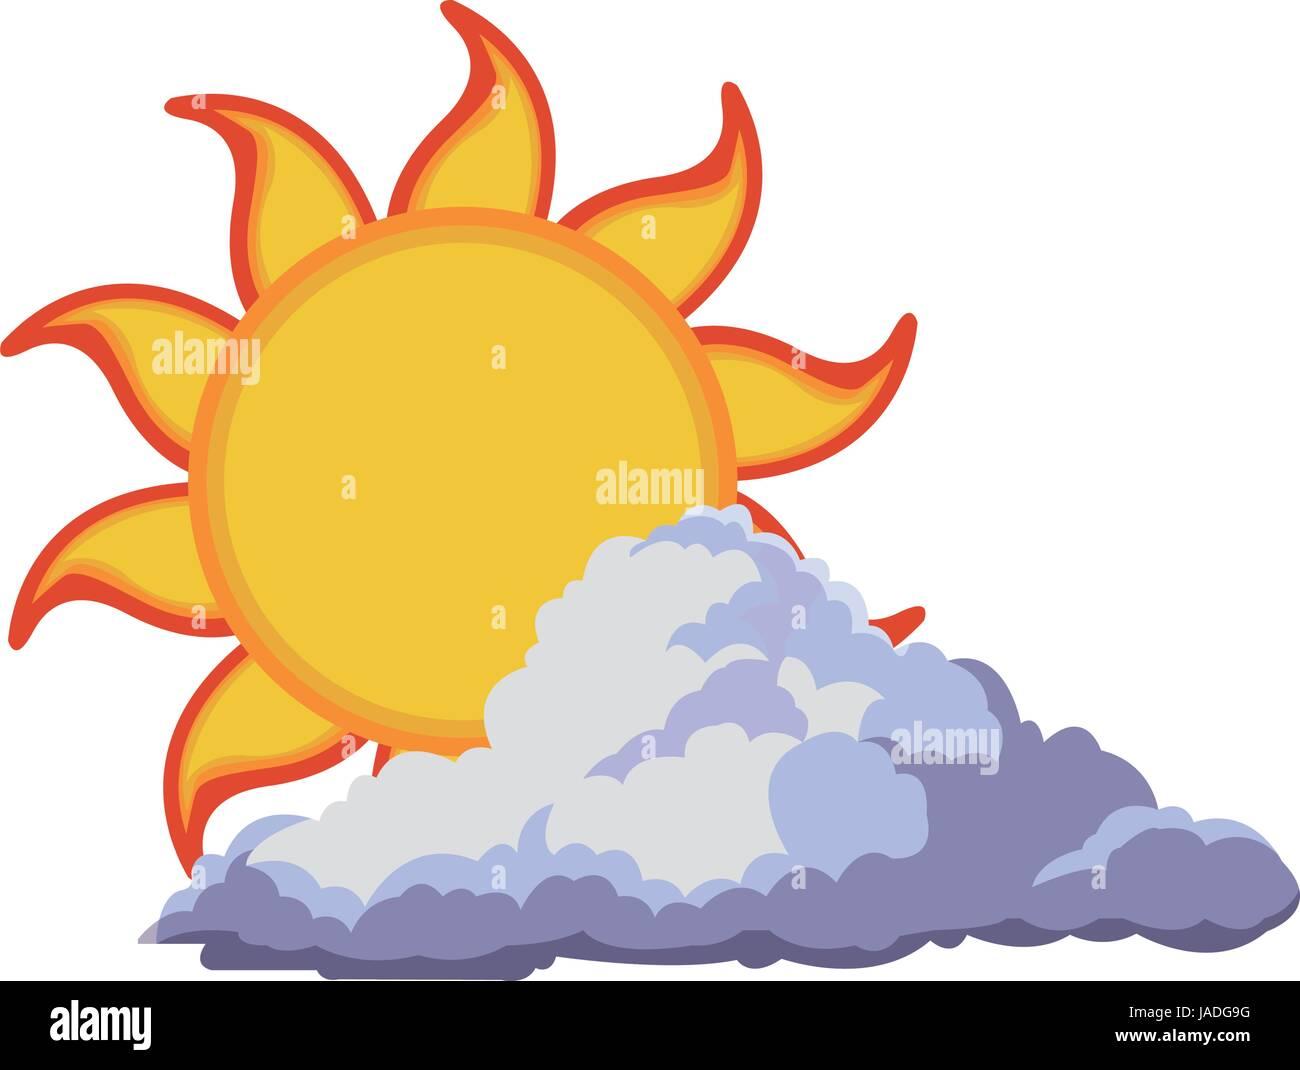 sun summer weather heat icon - Stock Vector